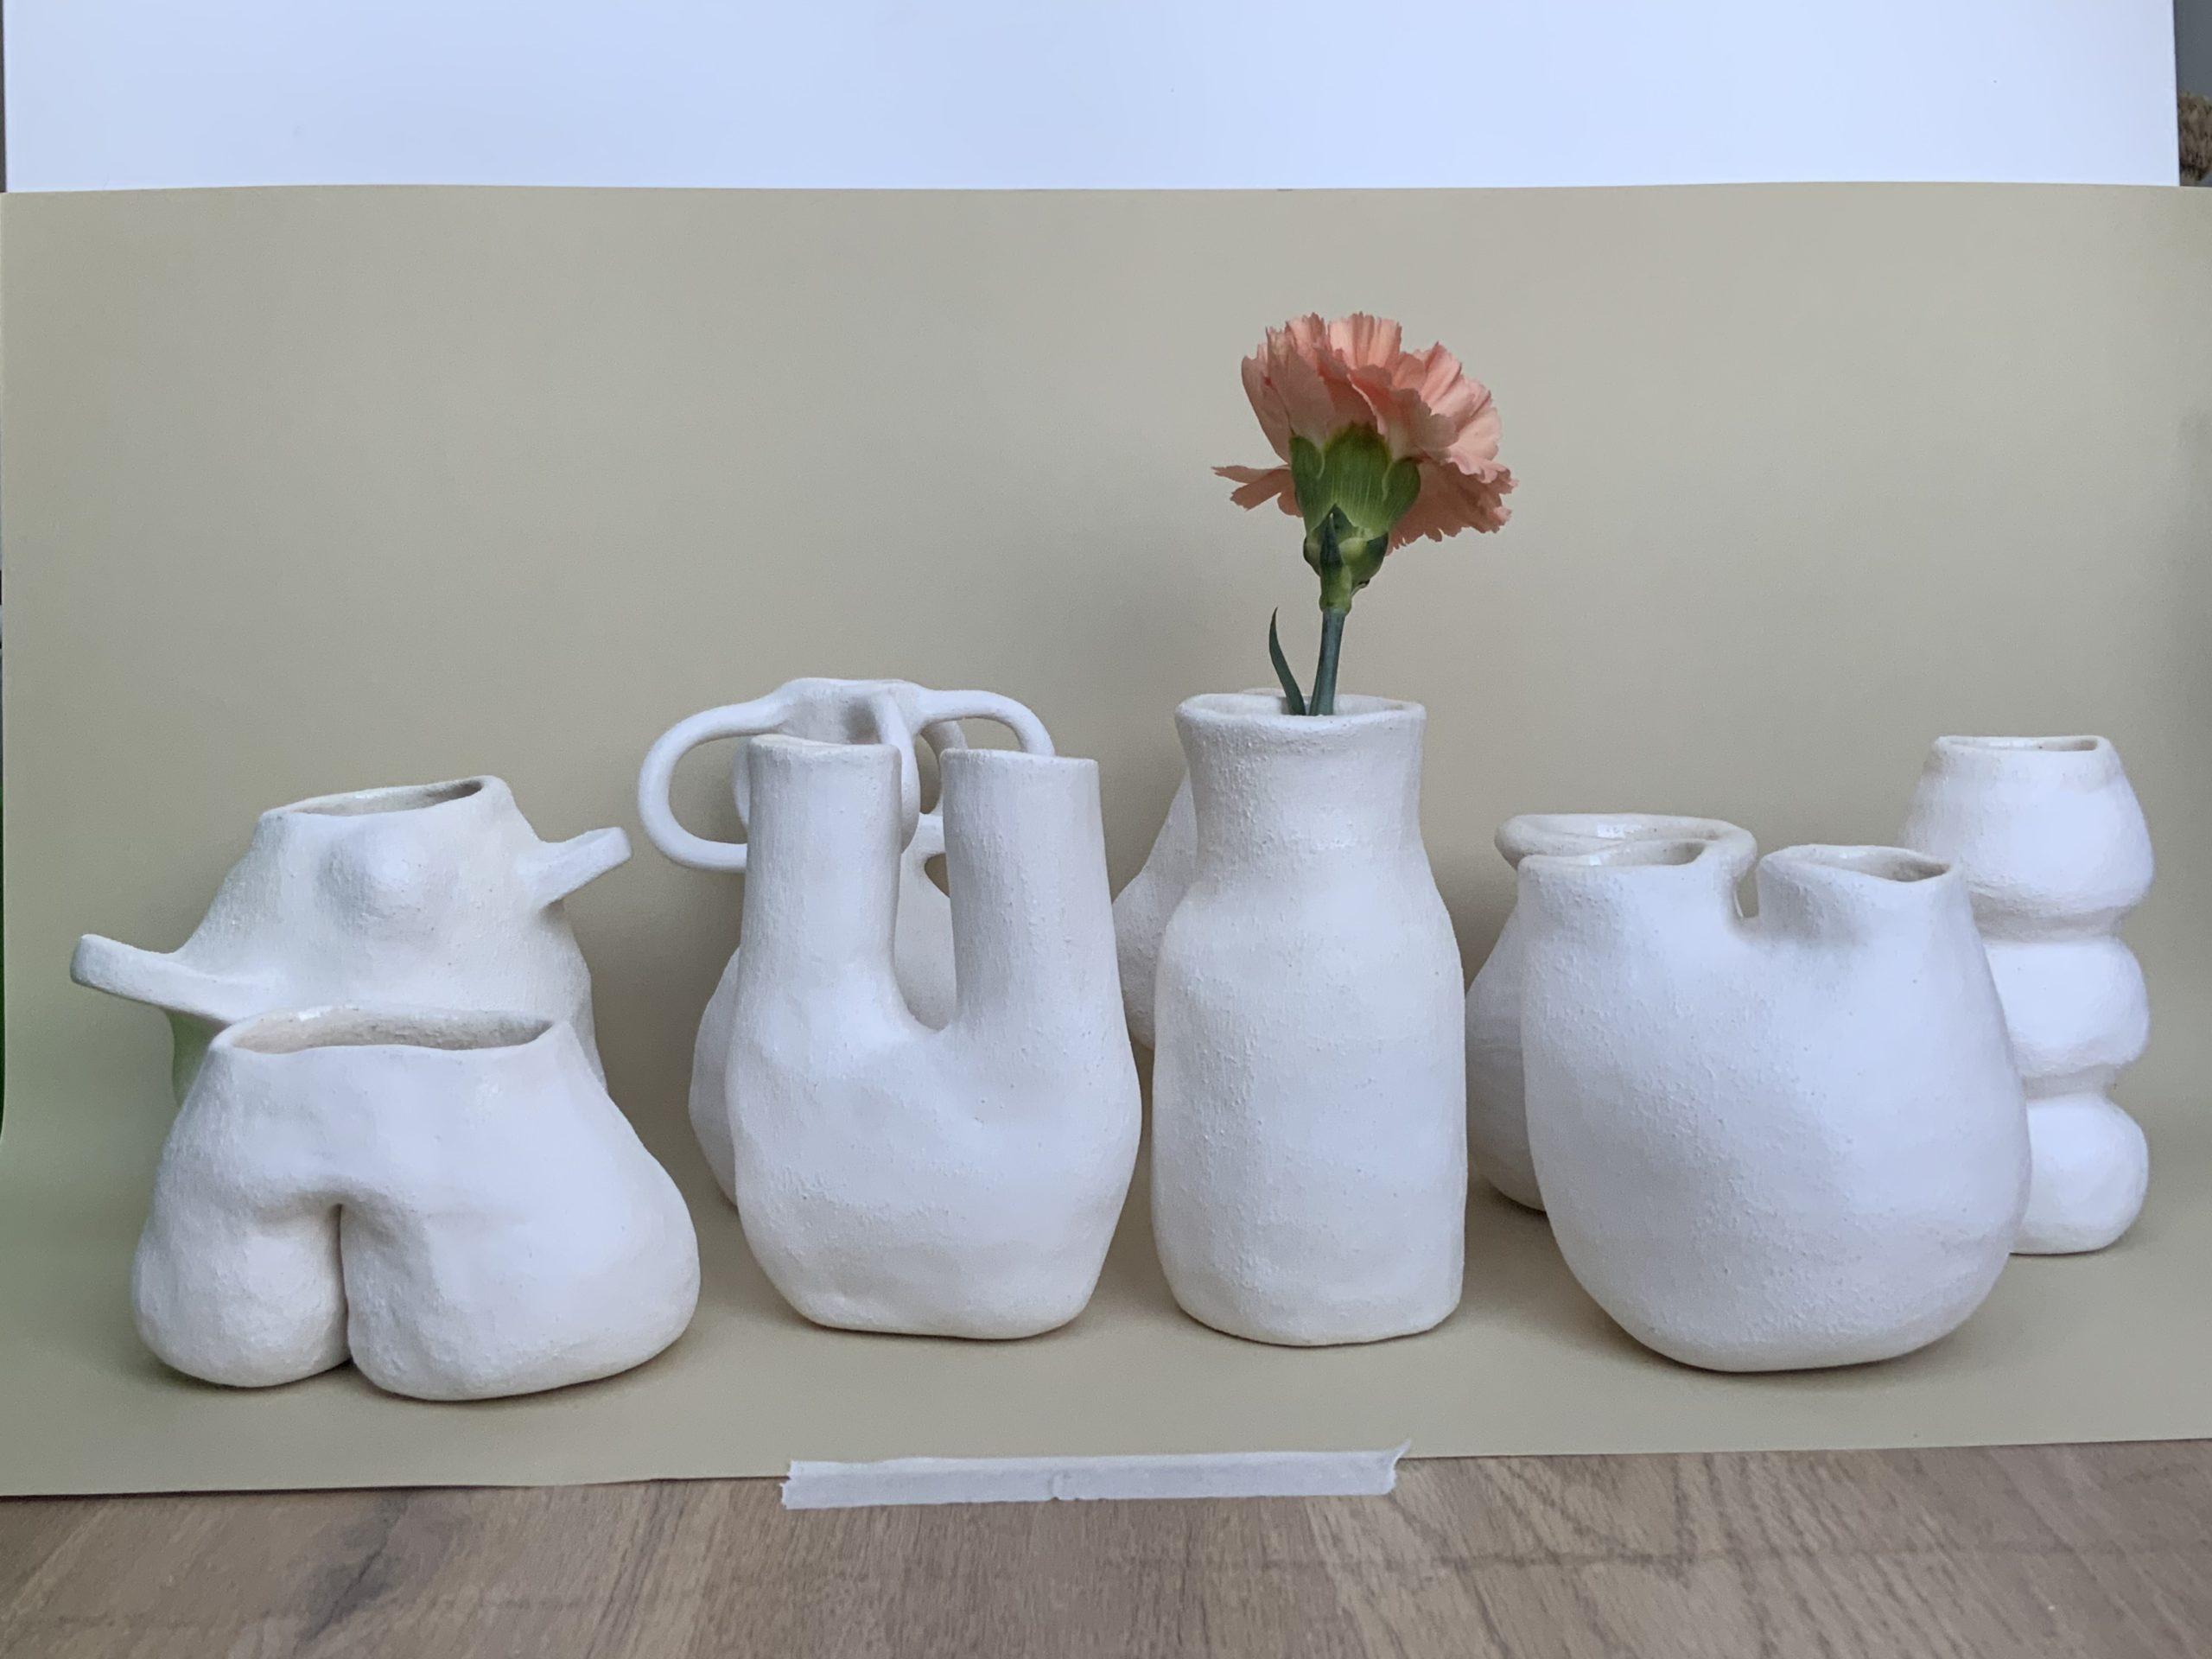 L'Art de la céramique revisité par Moshikura Studio